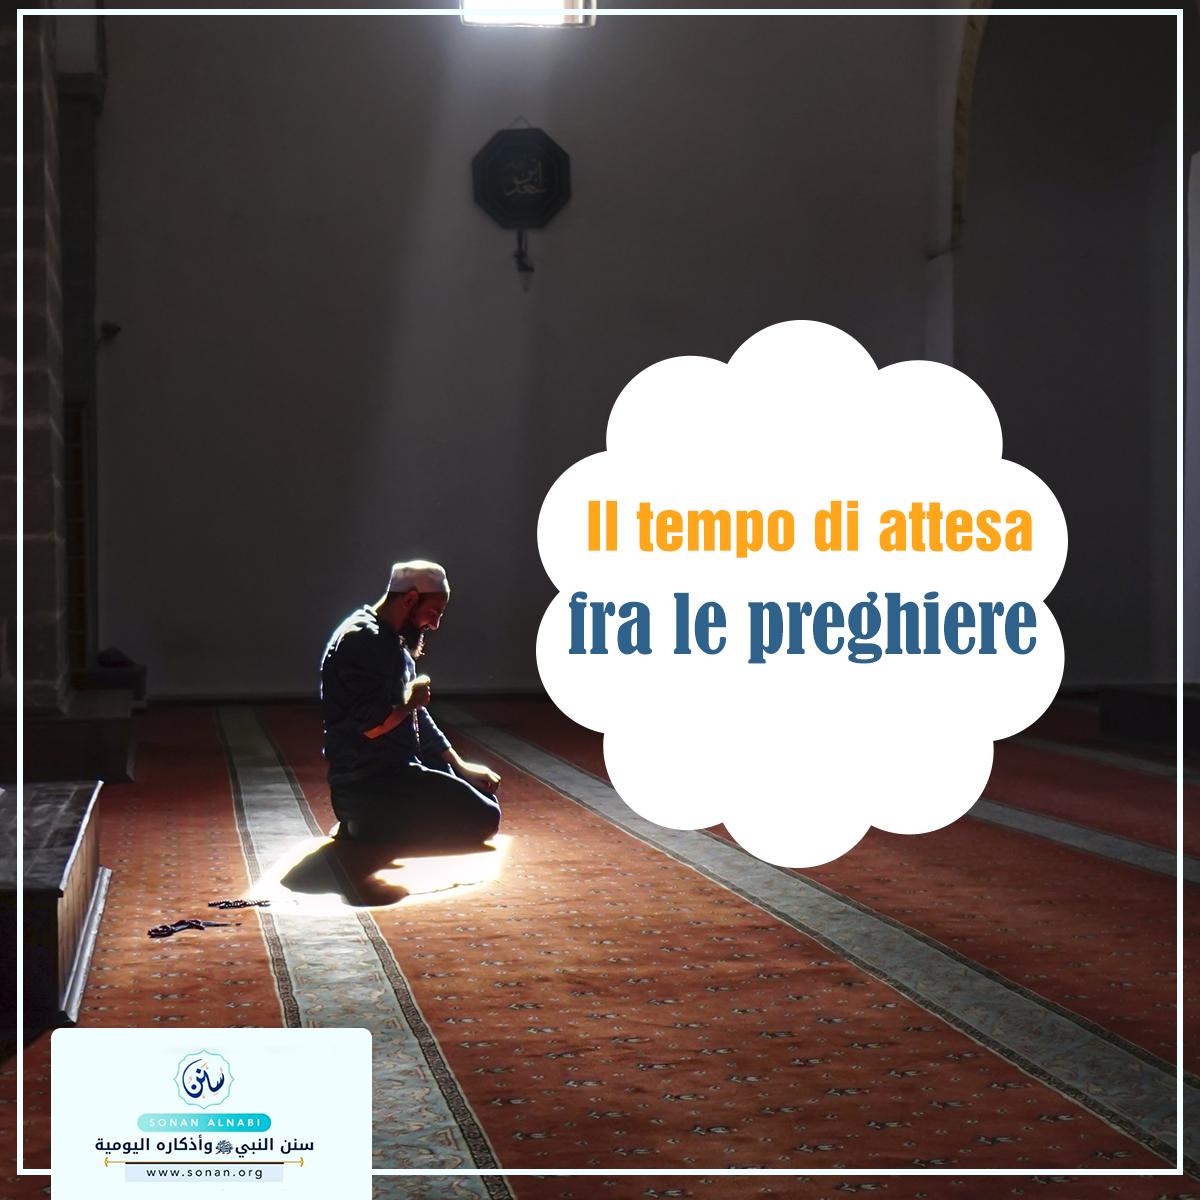 Il tempo di attesa fra le preghiere